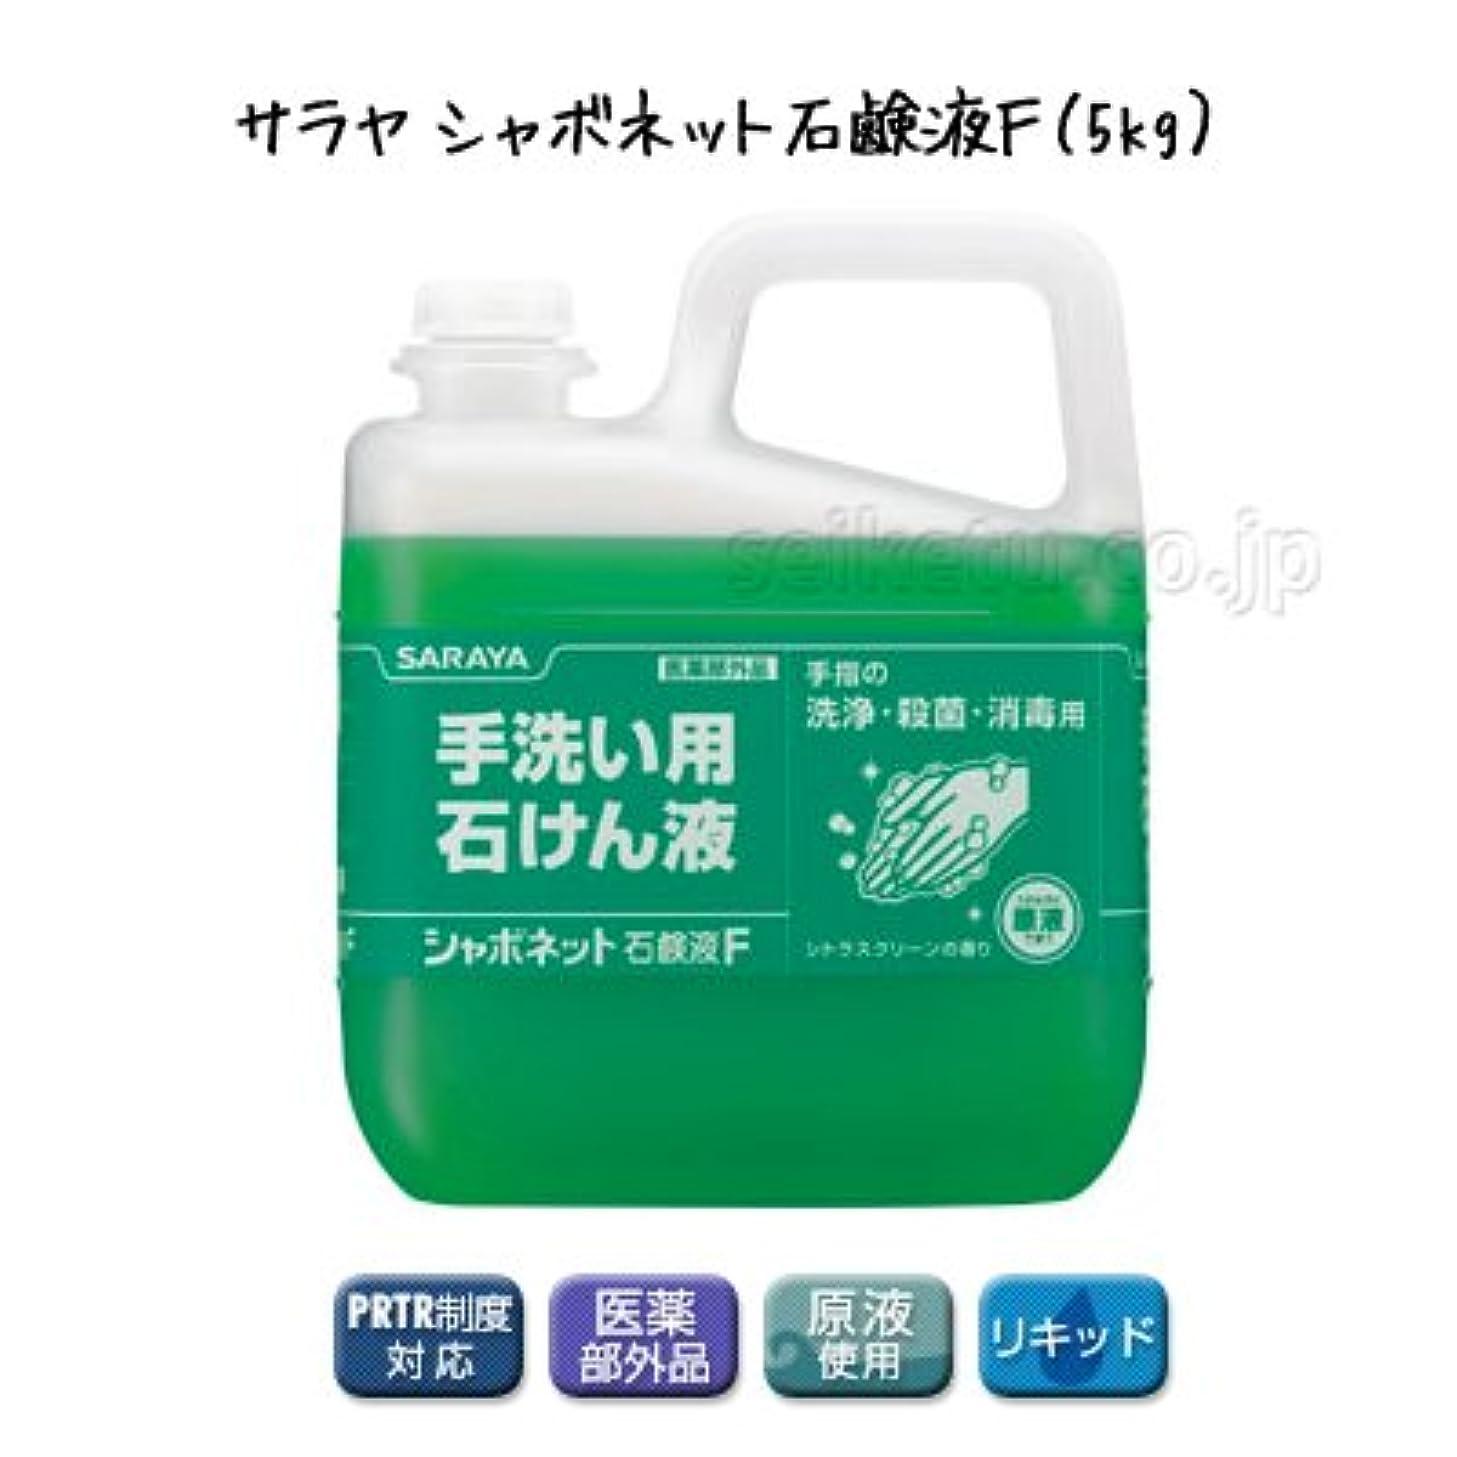 テニス稼ぐナラーバー【清潔キレイ館】サラヤ シャボネット石鹸液F(5kg)